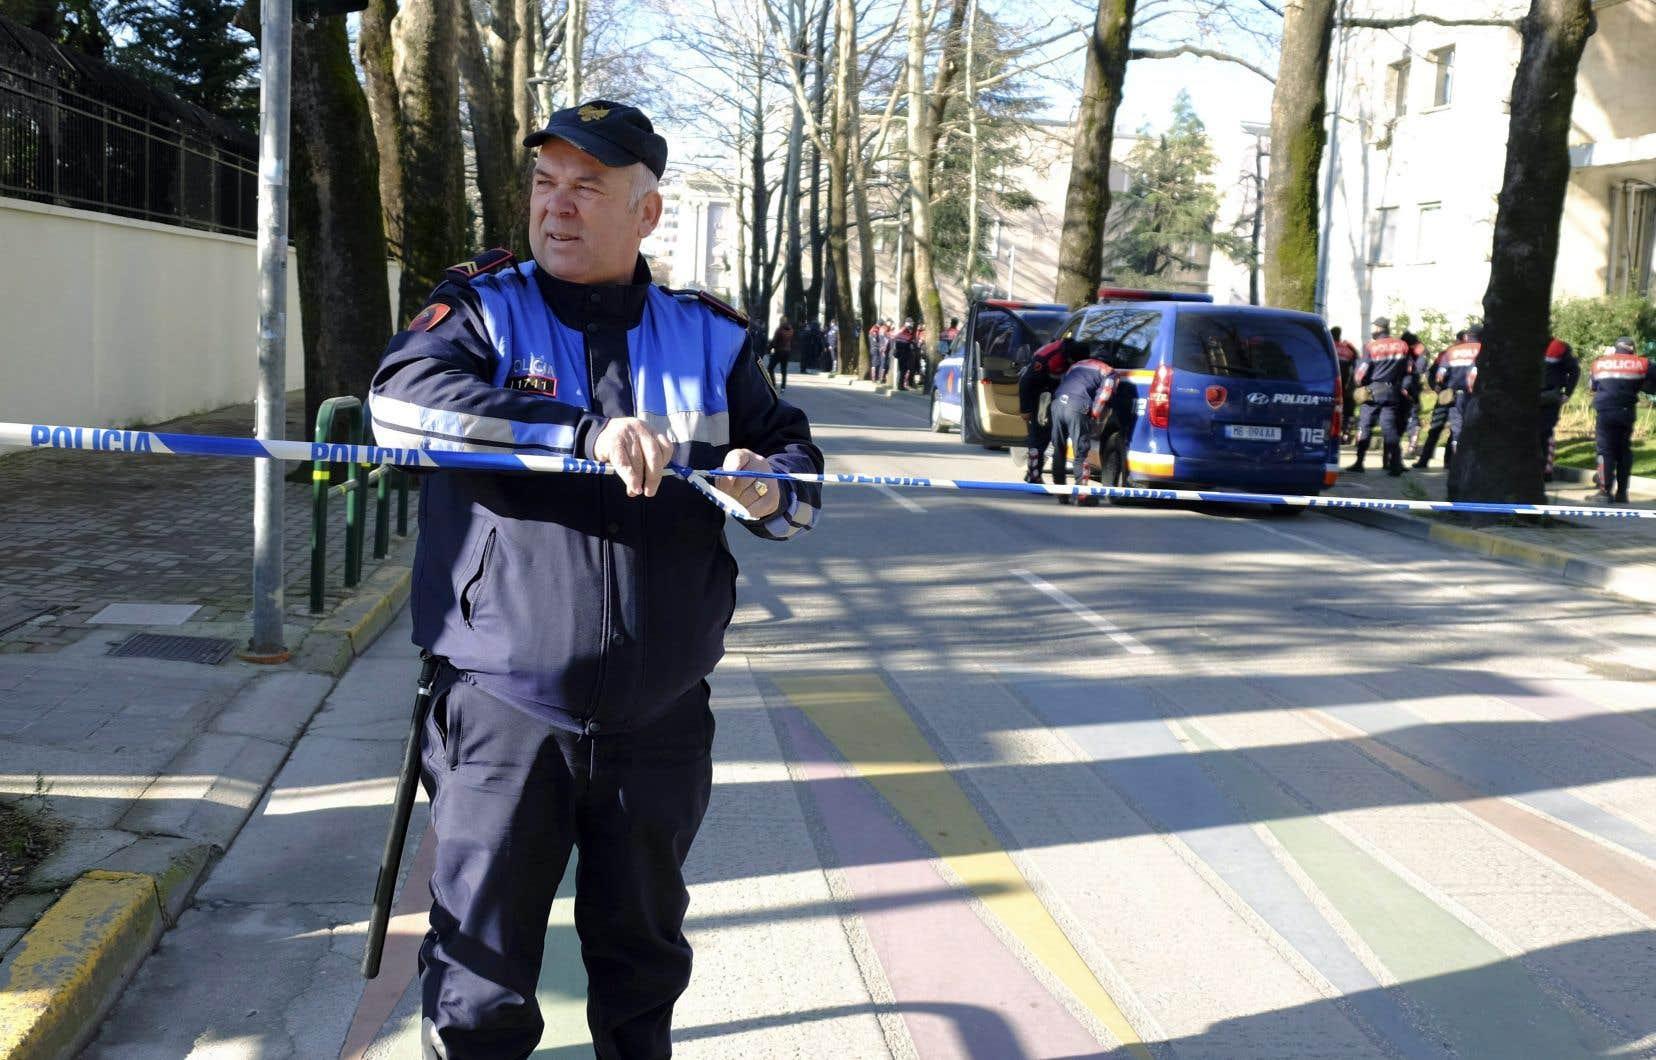 Parmi les 39 suspects arrêtés figurent quatre policiers.